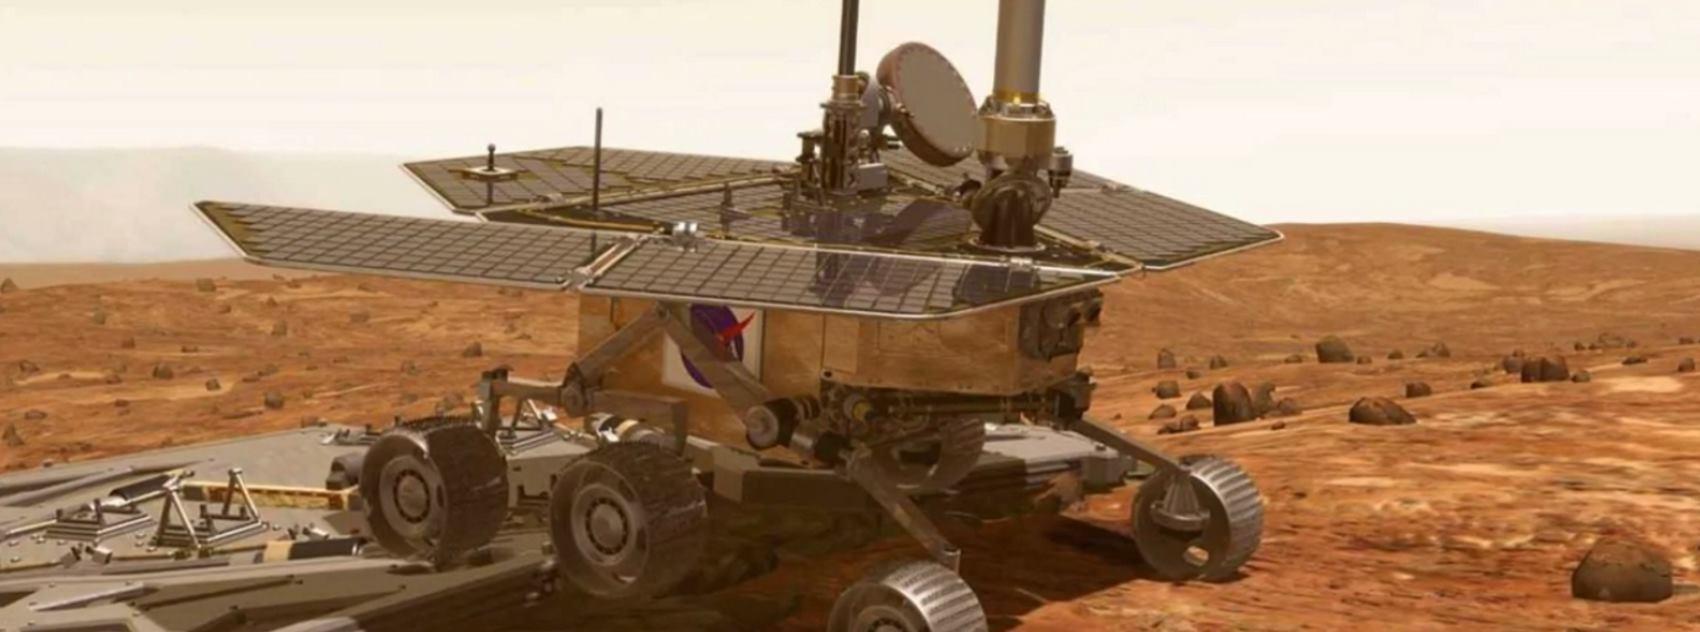 VIDEO Pogledajmo najnovije zanimljive snimke s površine Marsa